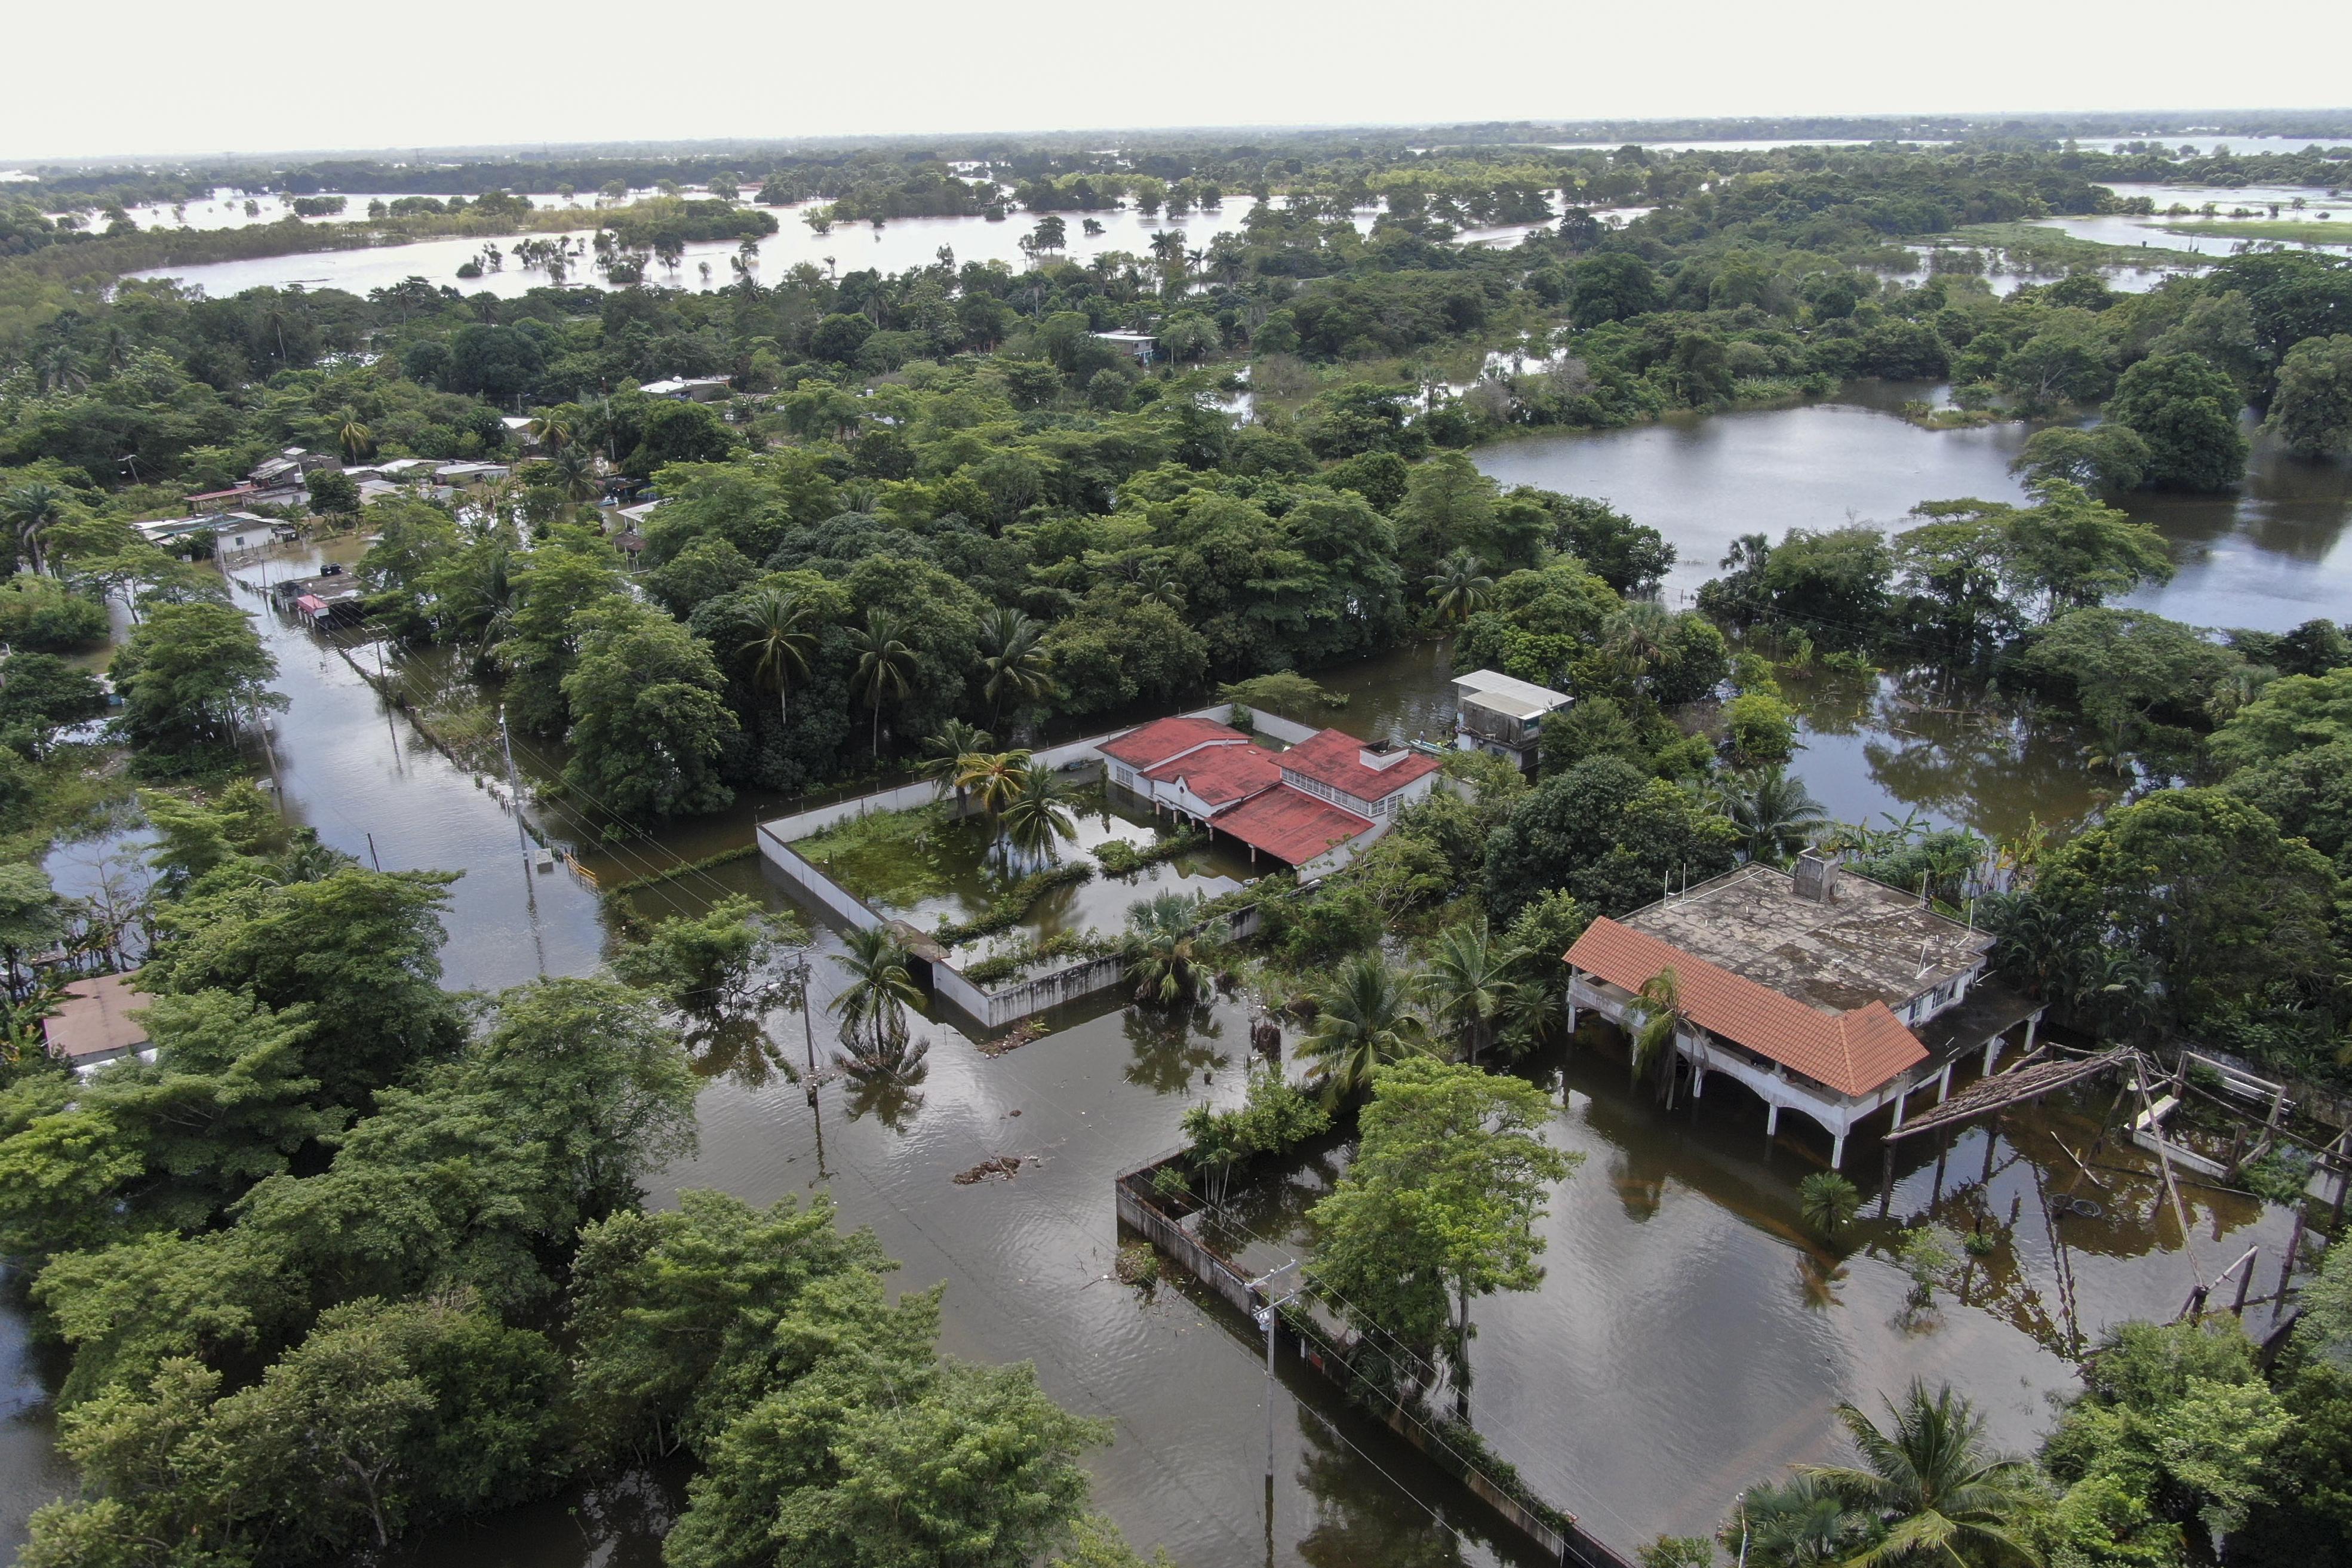 Vista de un área inundada luego del desborde del río Grijalva debido a las fuertes lluvias en Villahermosa, estado de Tabasco, México, el 7 de noviembre de 2020.